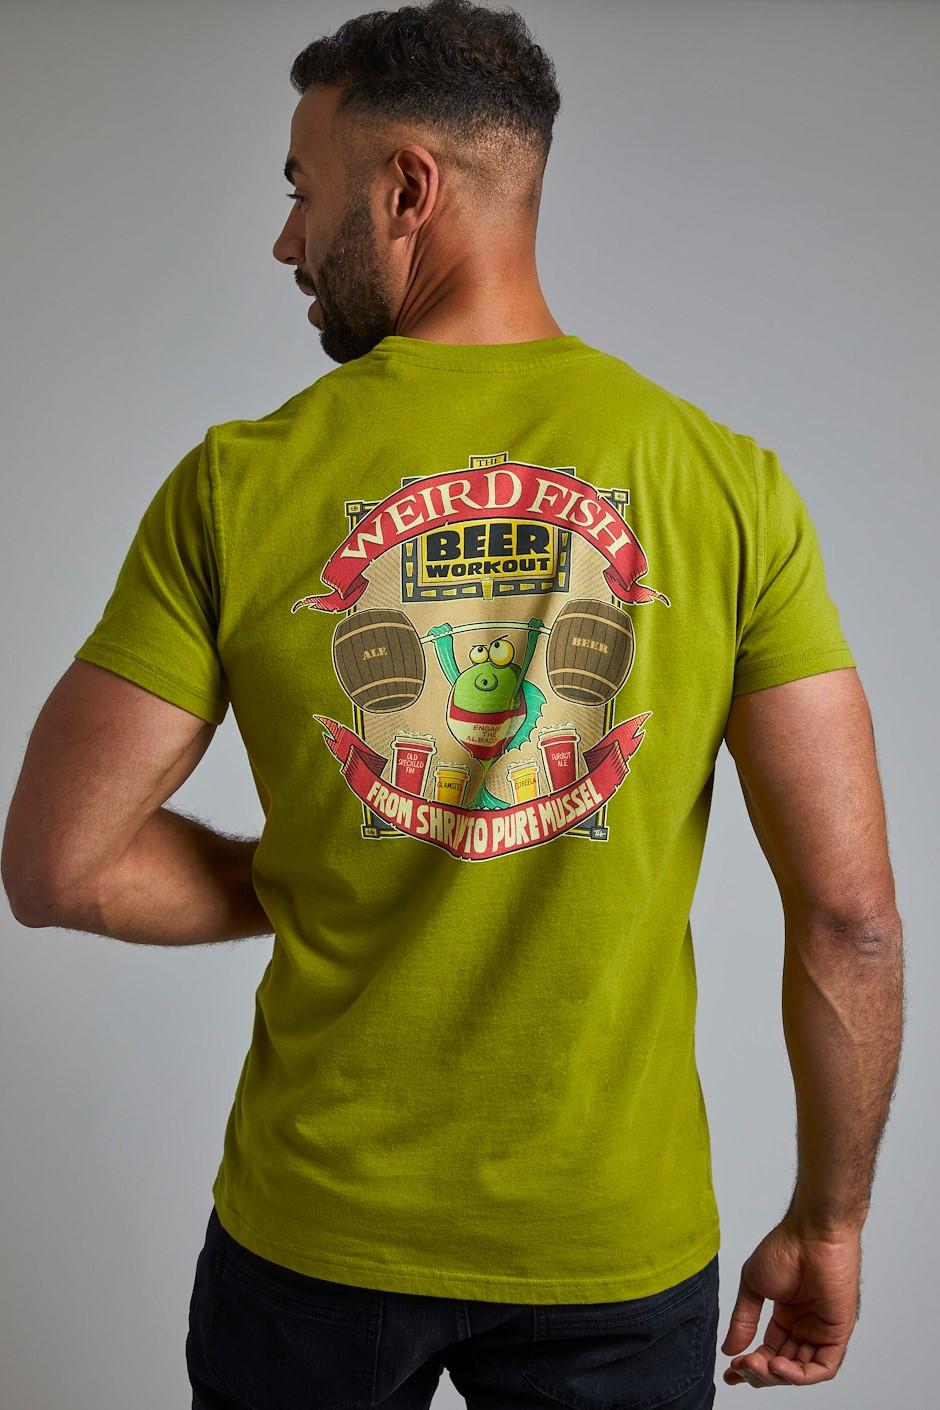 Weird Workout Organic Cotton Artist T-Shirt Woodbine